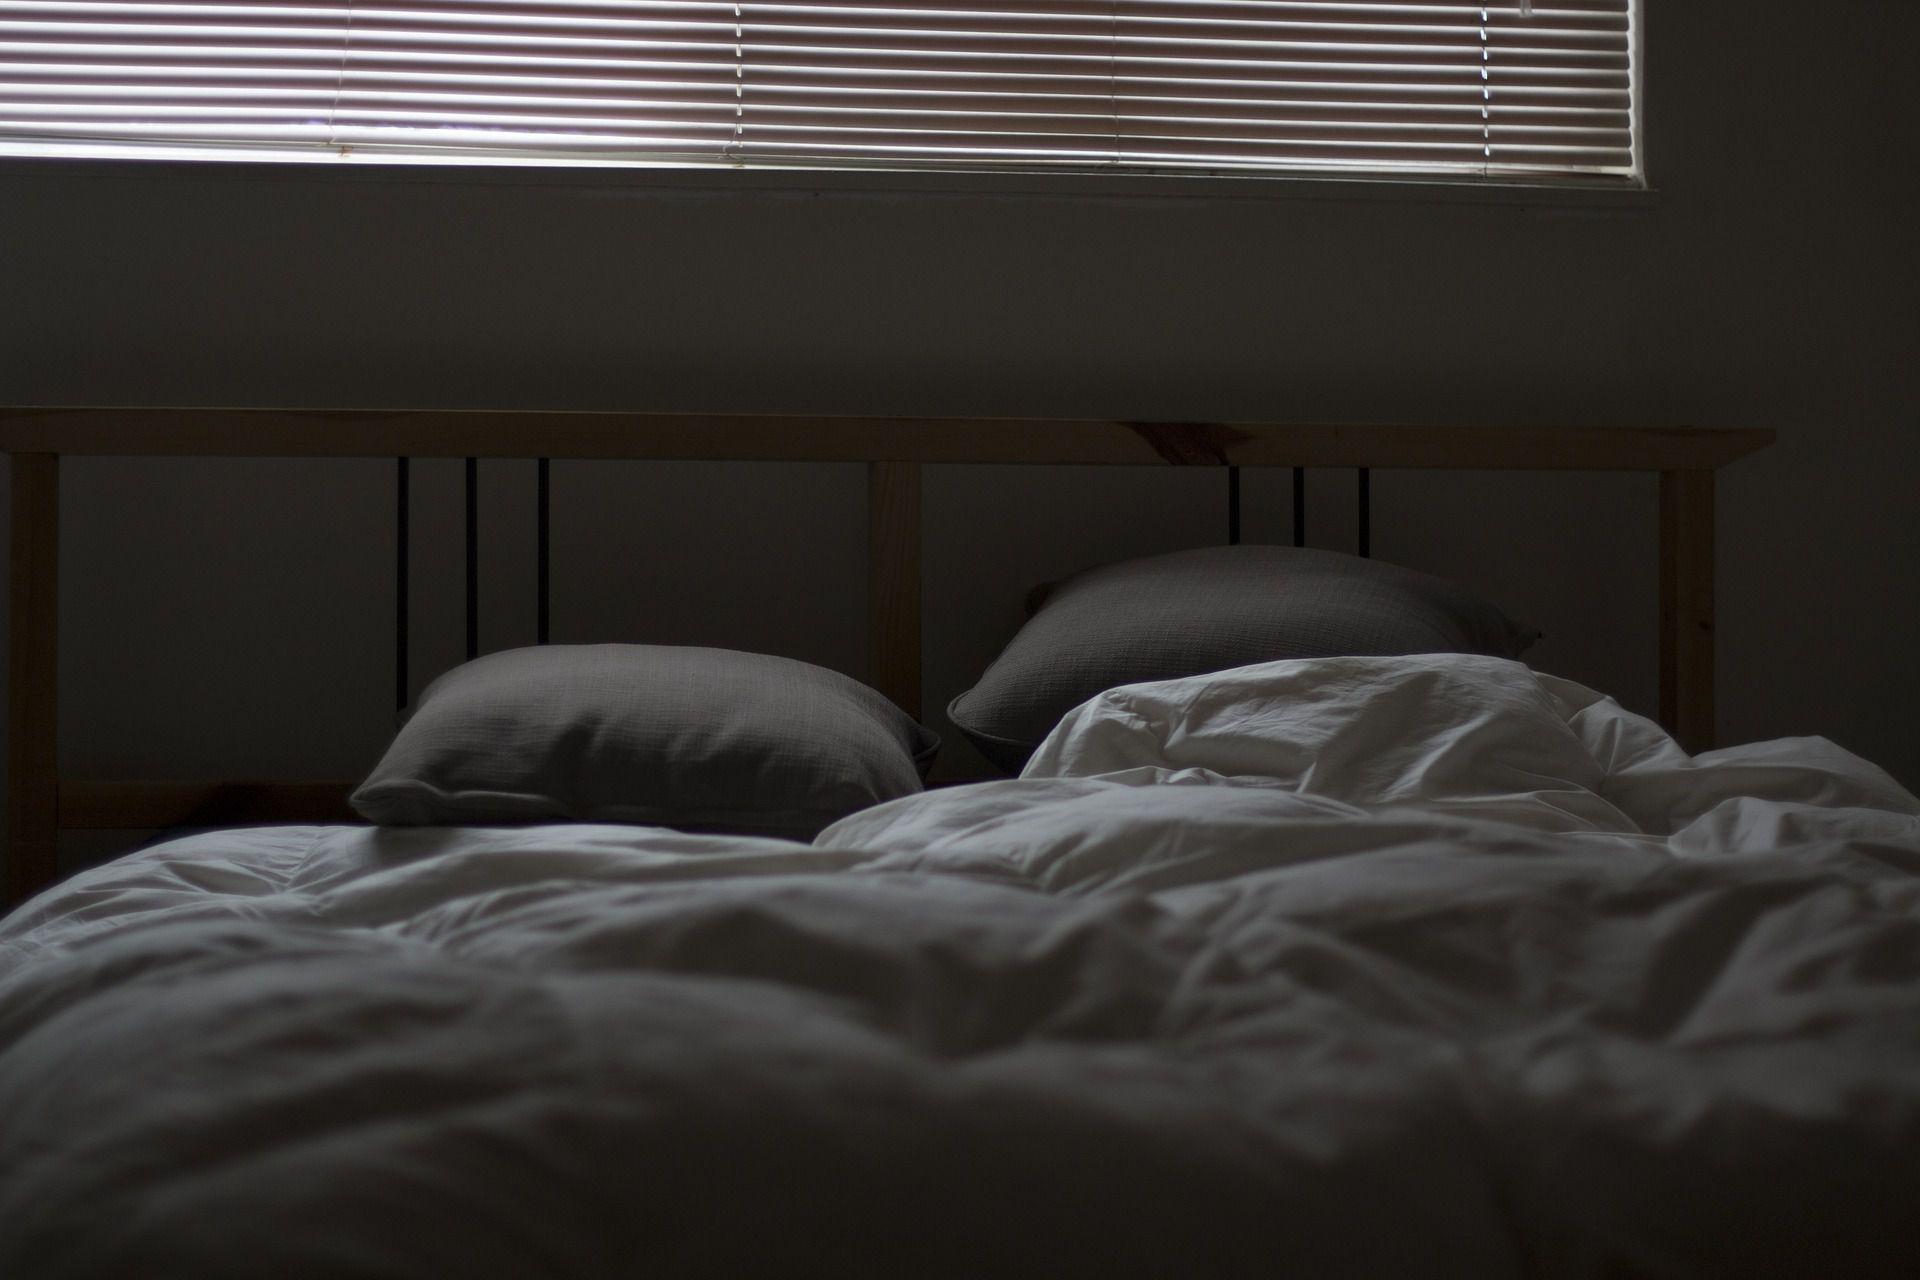 Sad looking bedroom